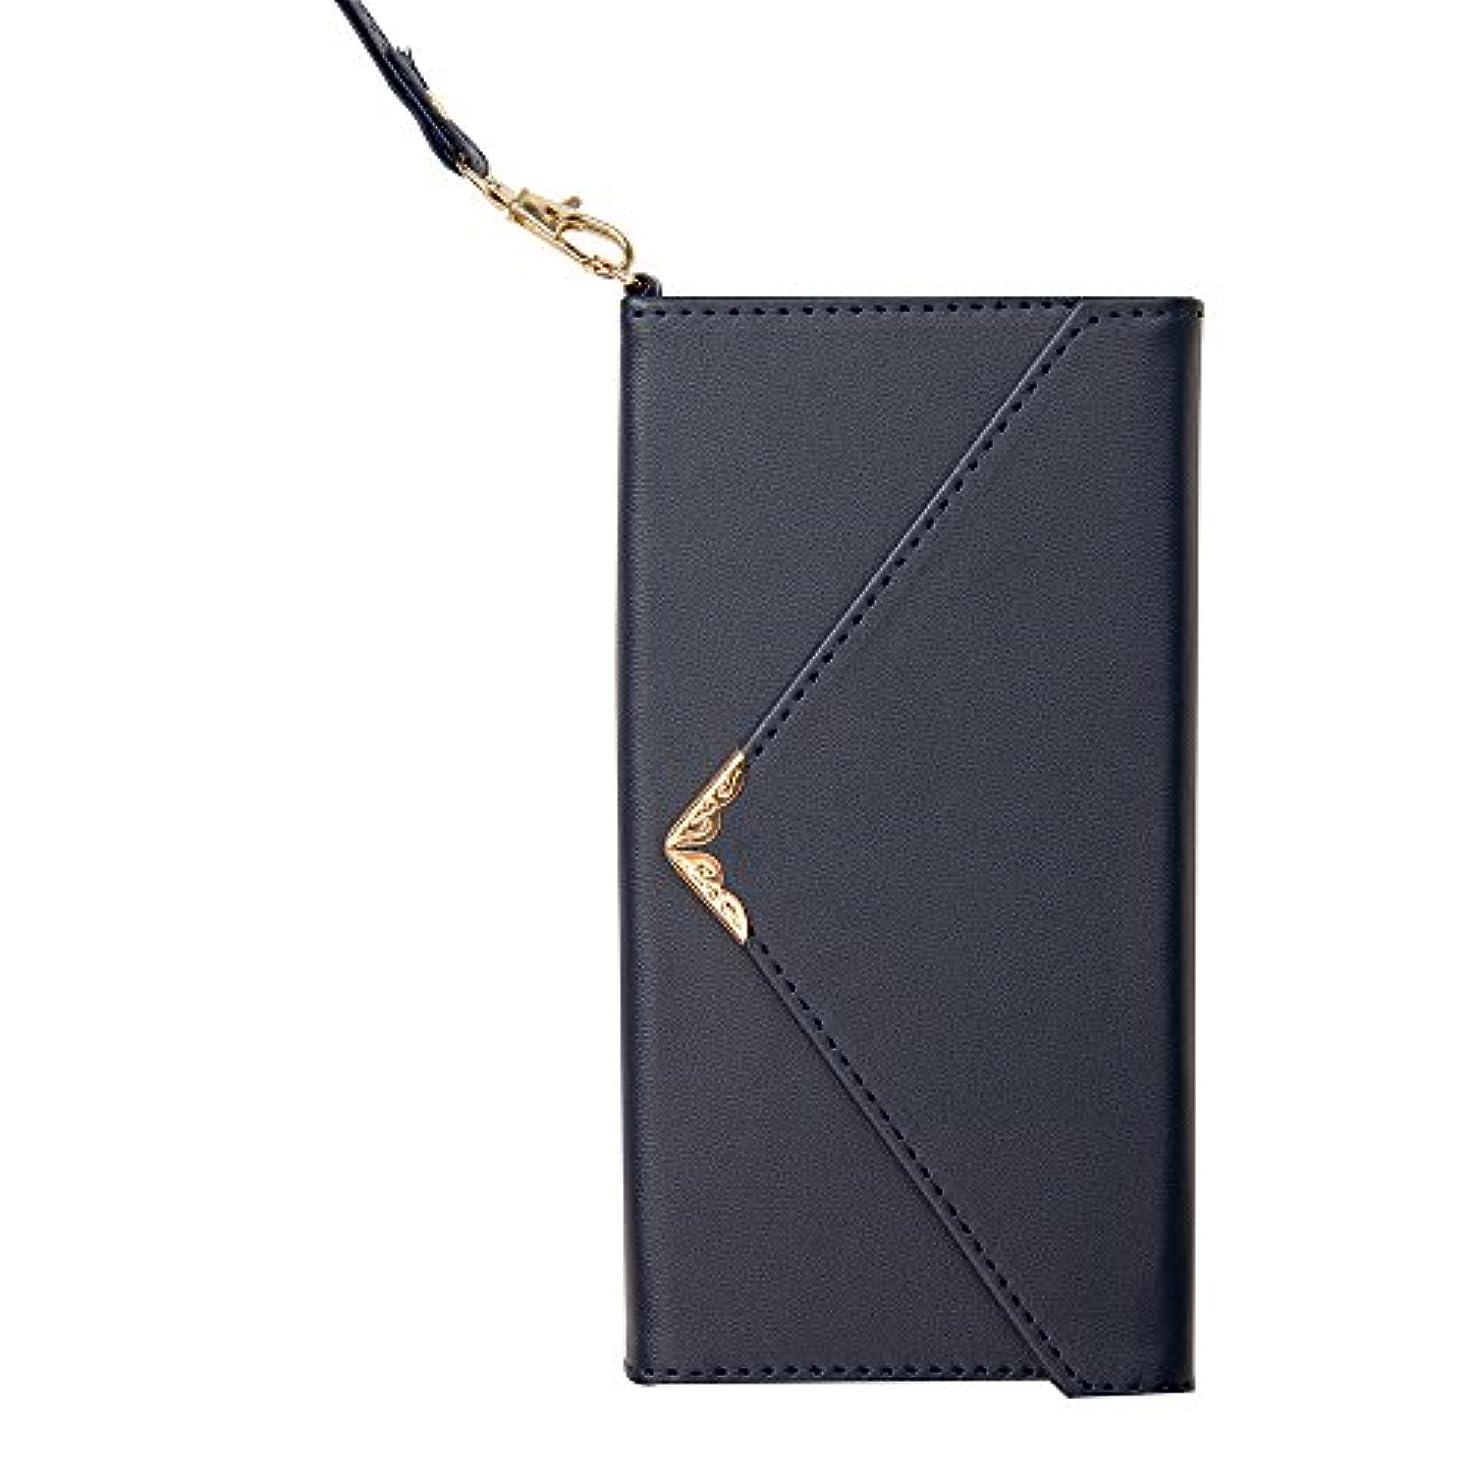 支店リル外科医[無料プレミアムストラップ]sc-01k ケース 手帳 Galaxy Note 8 ケース Galaxy Note 8 ケース 手帳型 Galaxy Note 8 カバー Galaxy Note 8 手帳型 ケース sc-01k ケース Galaxy Note 8 カバー Galaxy Note 8 case ESSTORE-JPプレミアムPUレザーケース カードホルダ付き ストラップ付きミニシリーズシンプル、レッド/全5色